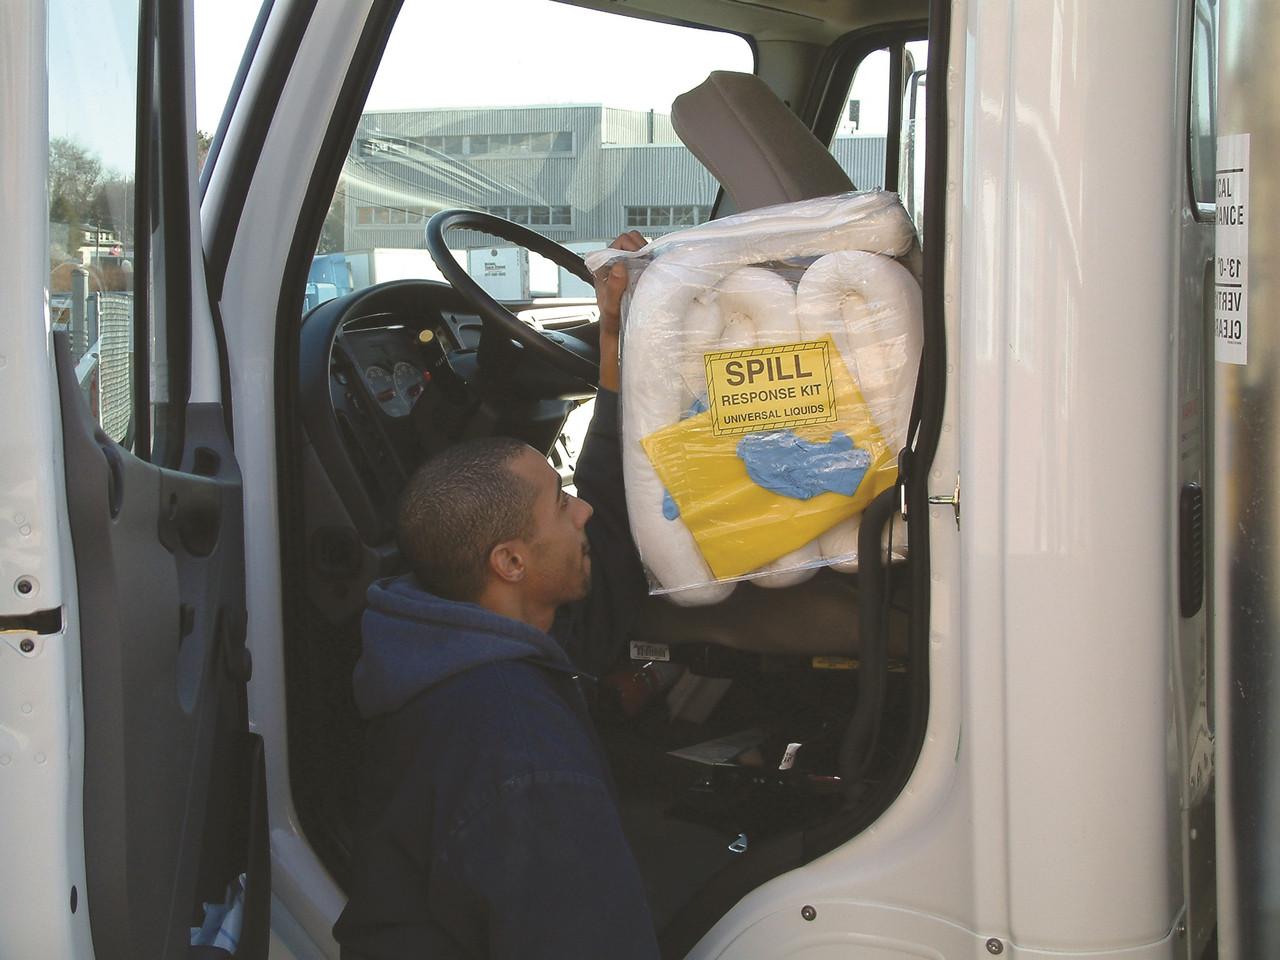 Truck Spill Kit Автомобильные наборы для ликвидации разливов нефтепродуктов и технических жидкостей